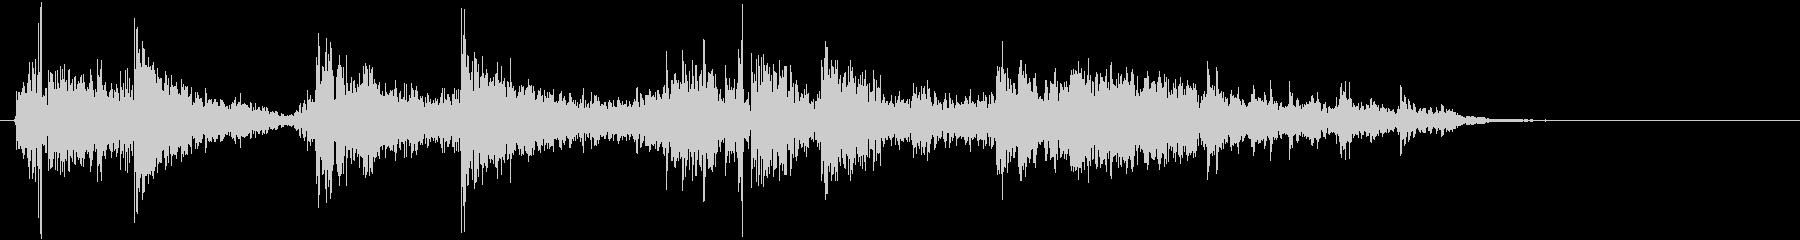 タンバリンの音(しゃんしゃんしゃん)の未再生の波形